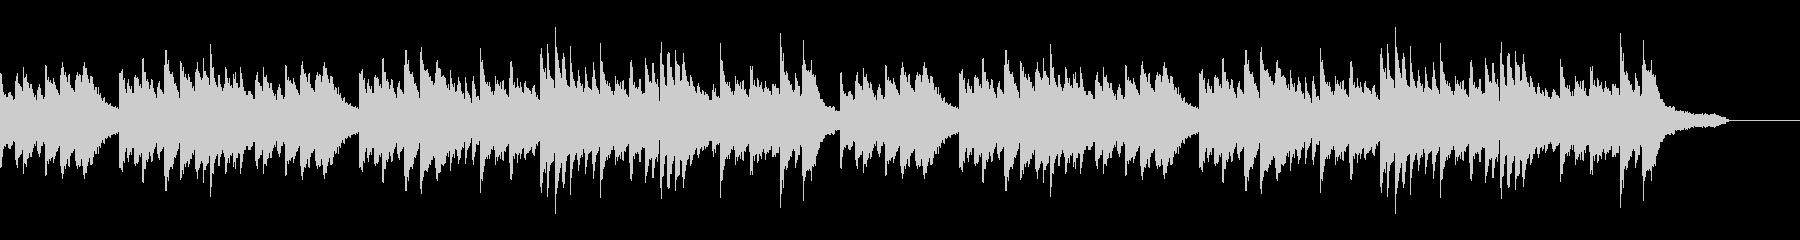 優しく淡い雰囲気の和風なピアノBGMの未再生の波形